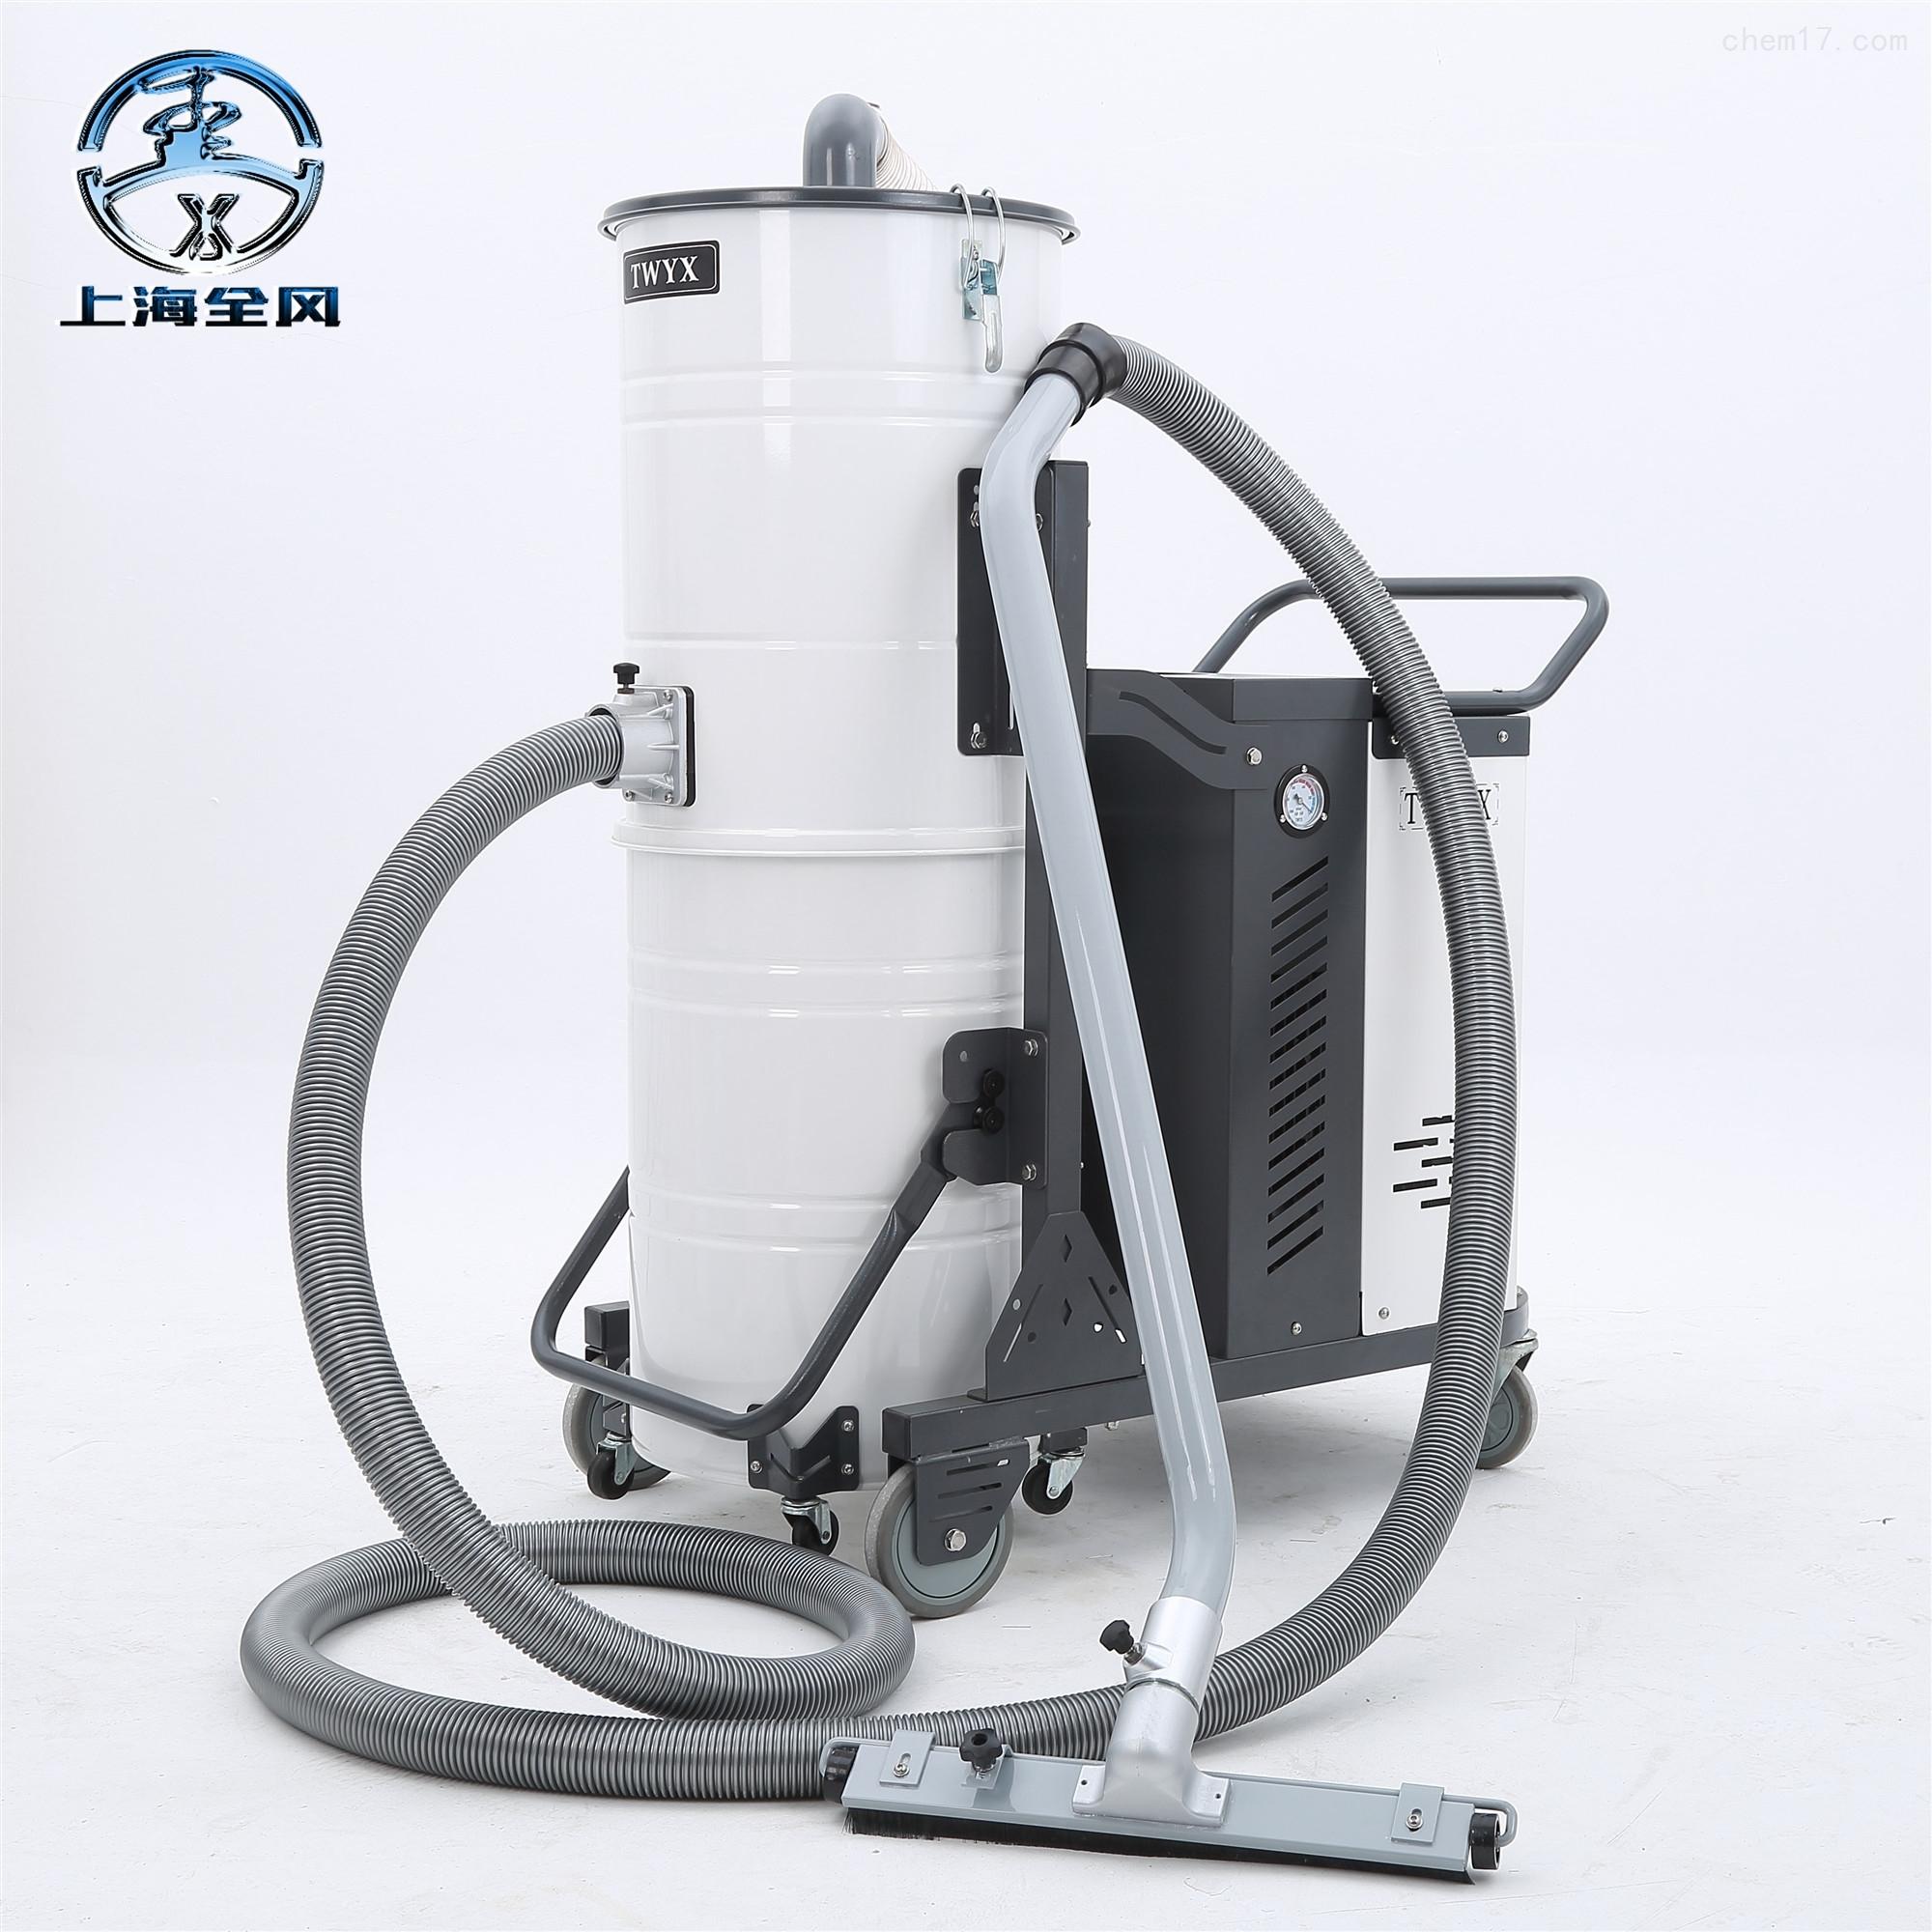 全风高压工业吸尘器